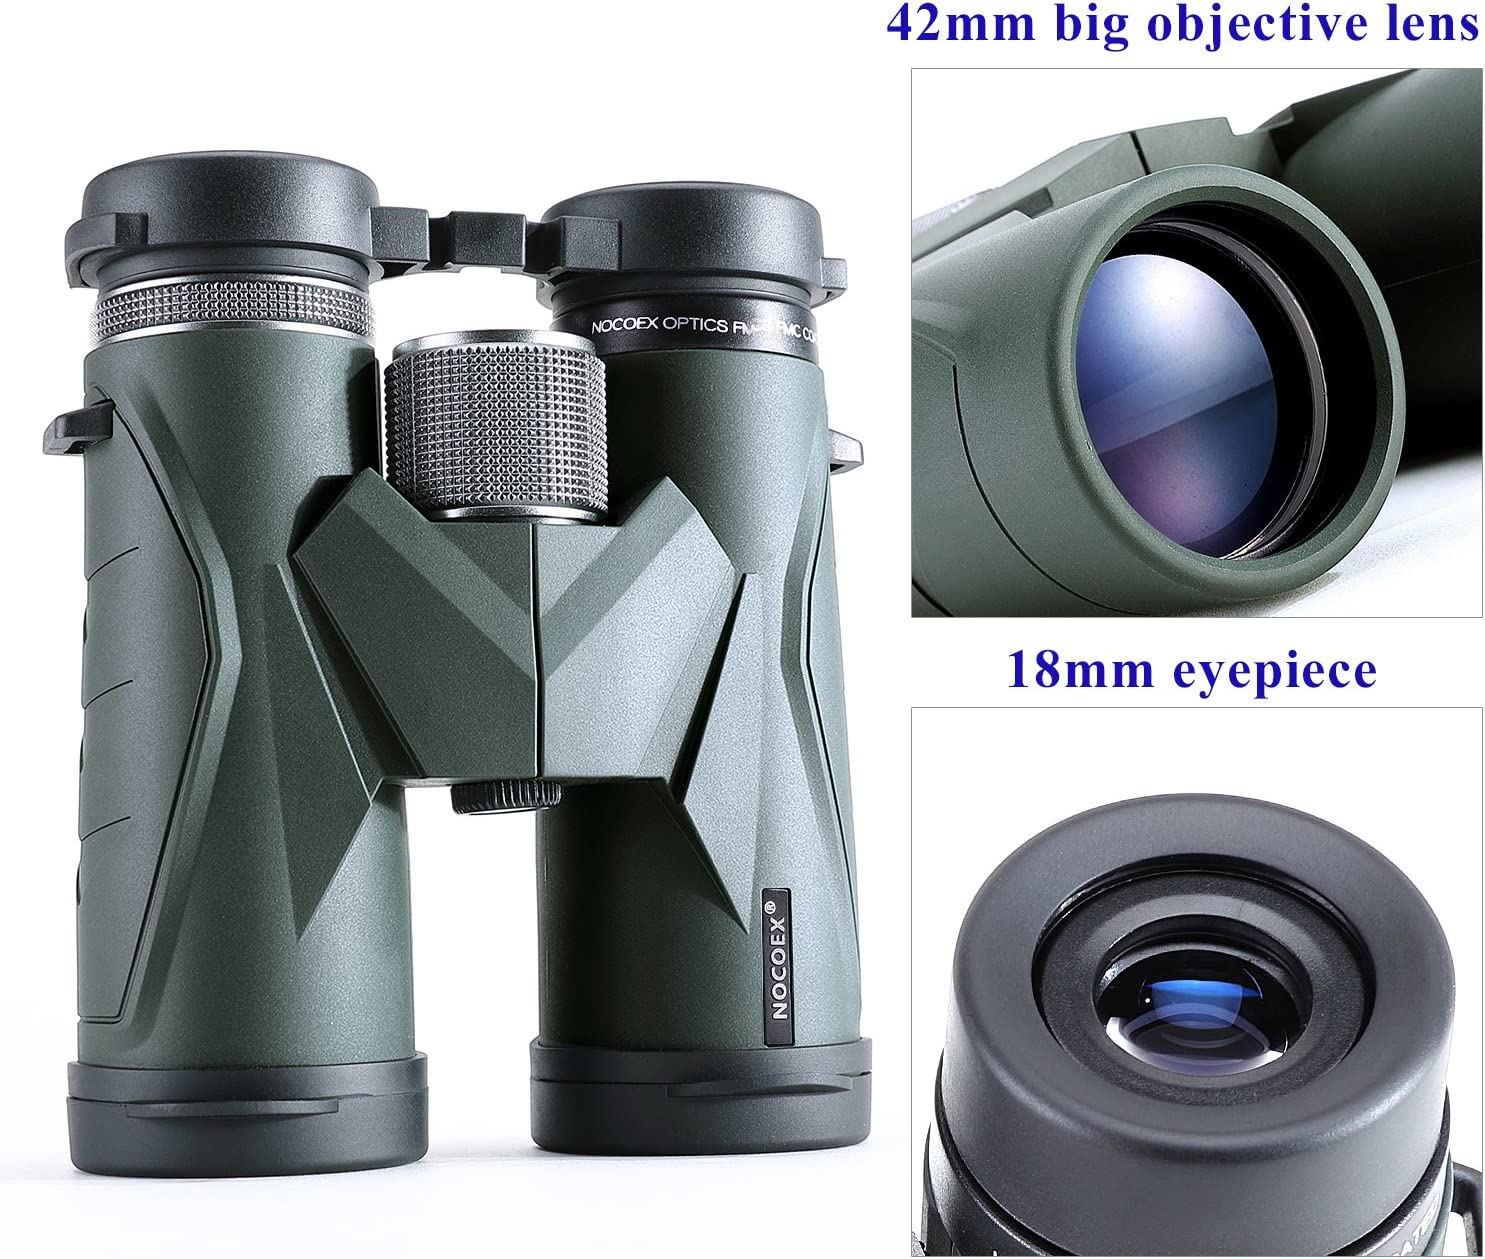 NOCOEX Jumelles Compactes Choix pour l/'Observation d/'Oiseaux Puissantes Convient pour Les Sports et Activit/és d/'ext/érieur Jeux Concerts Large Champ de Vision 10x42 Escalade